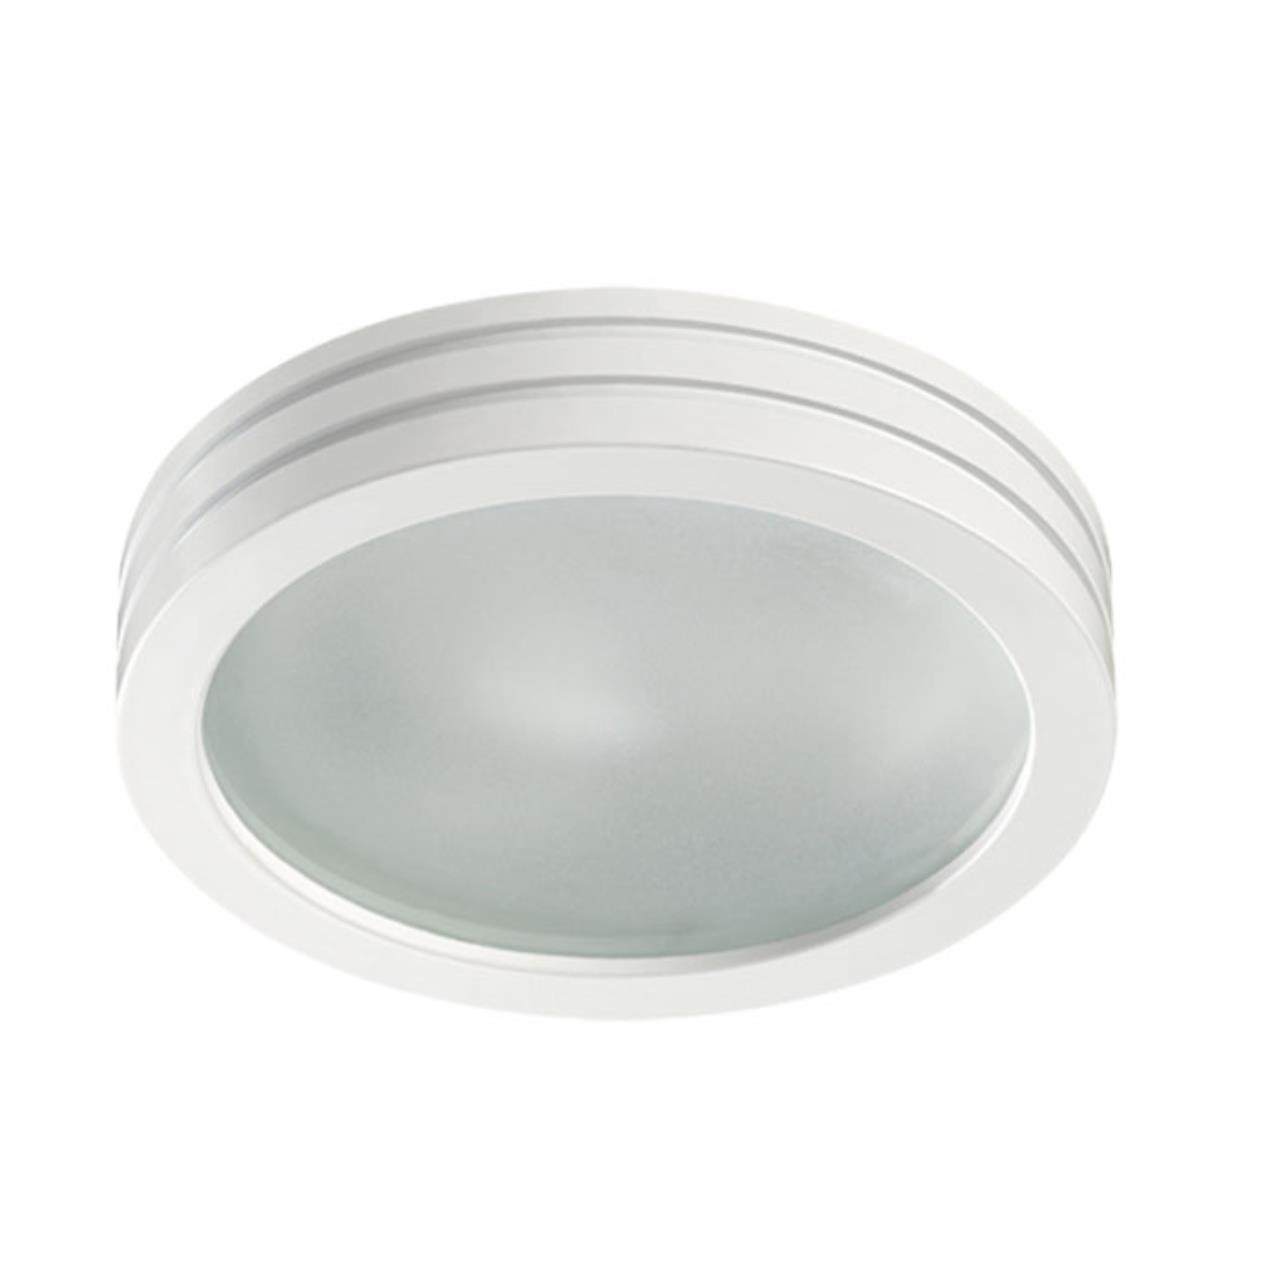 370389 SPOT NT18 139 белый Встраиваемый светильник GX5.3 50W 12V DAMLA